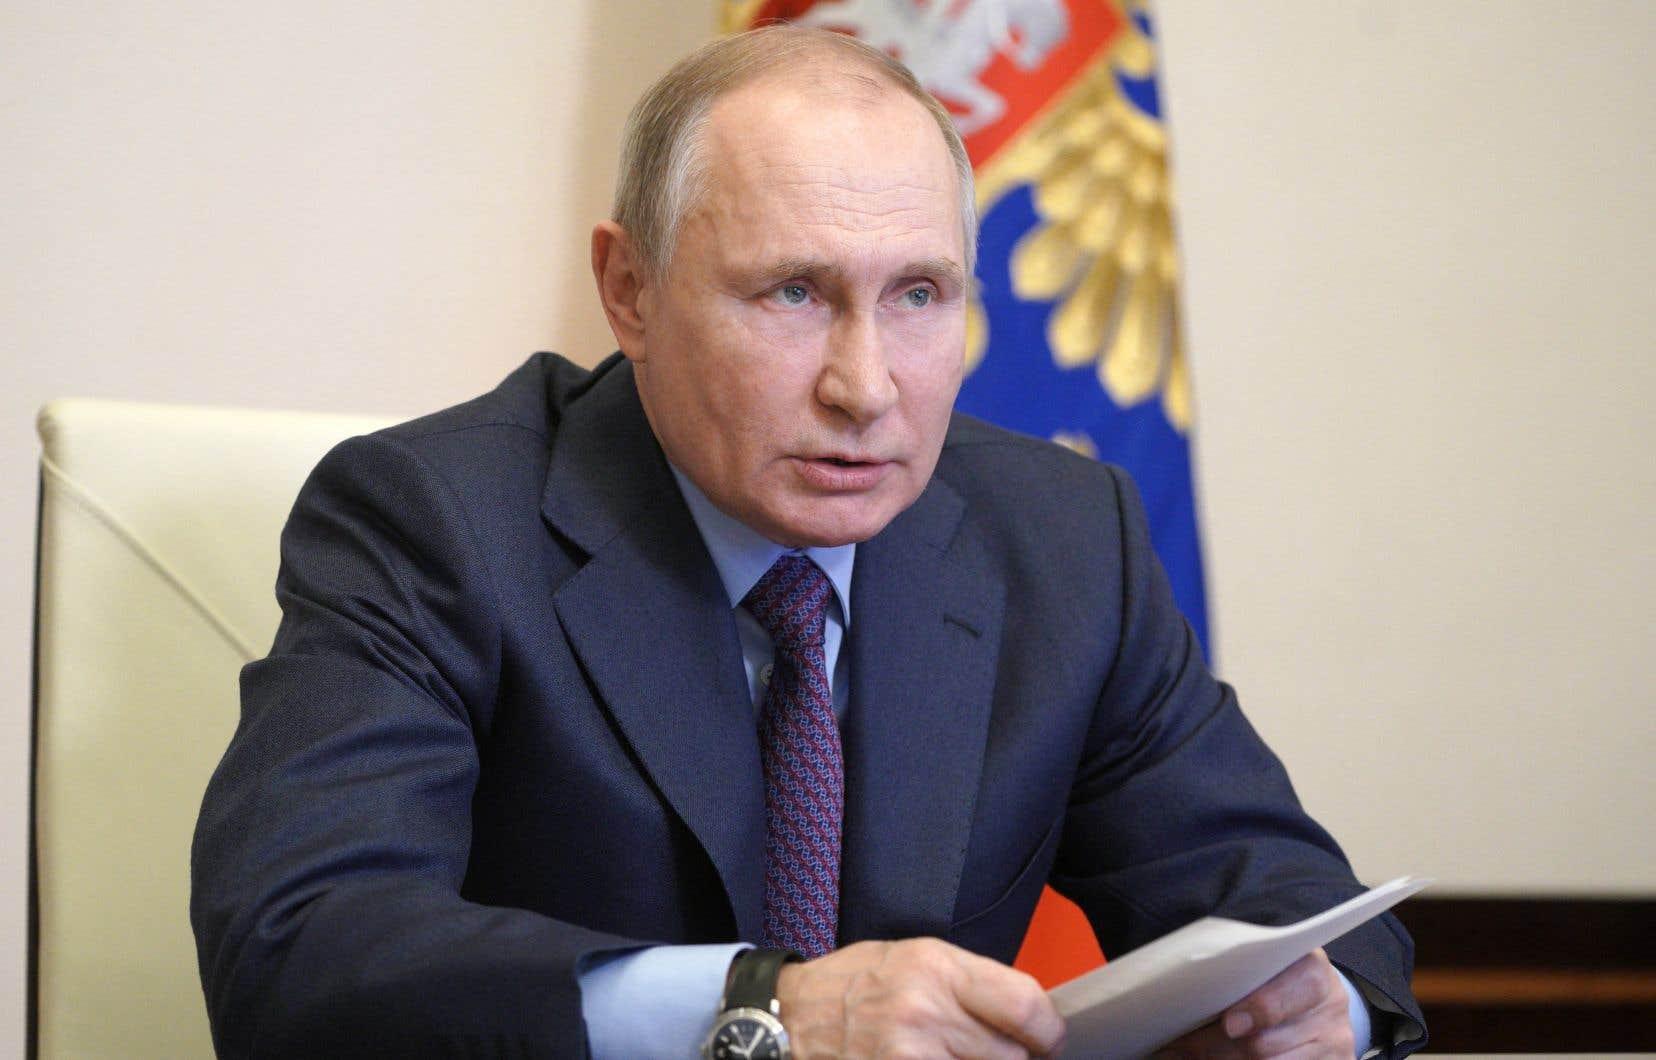 Vladimir Poutine, aux commandes du pays depuis 2000, aurait dû en théorie se retirer à la fin de son mandat actuel en 2024.